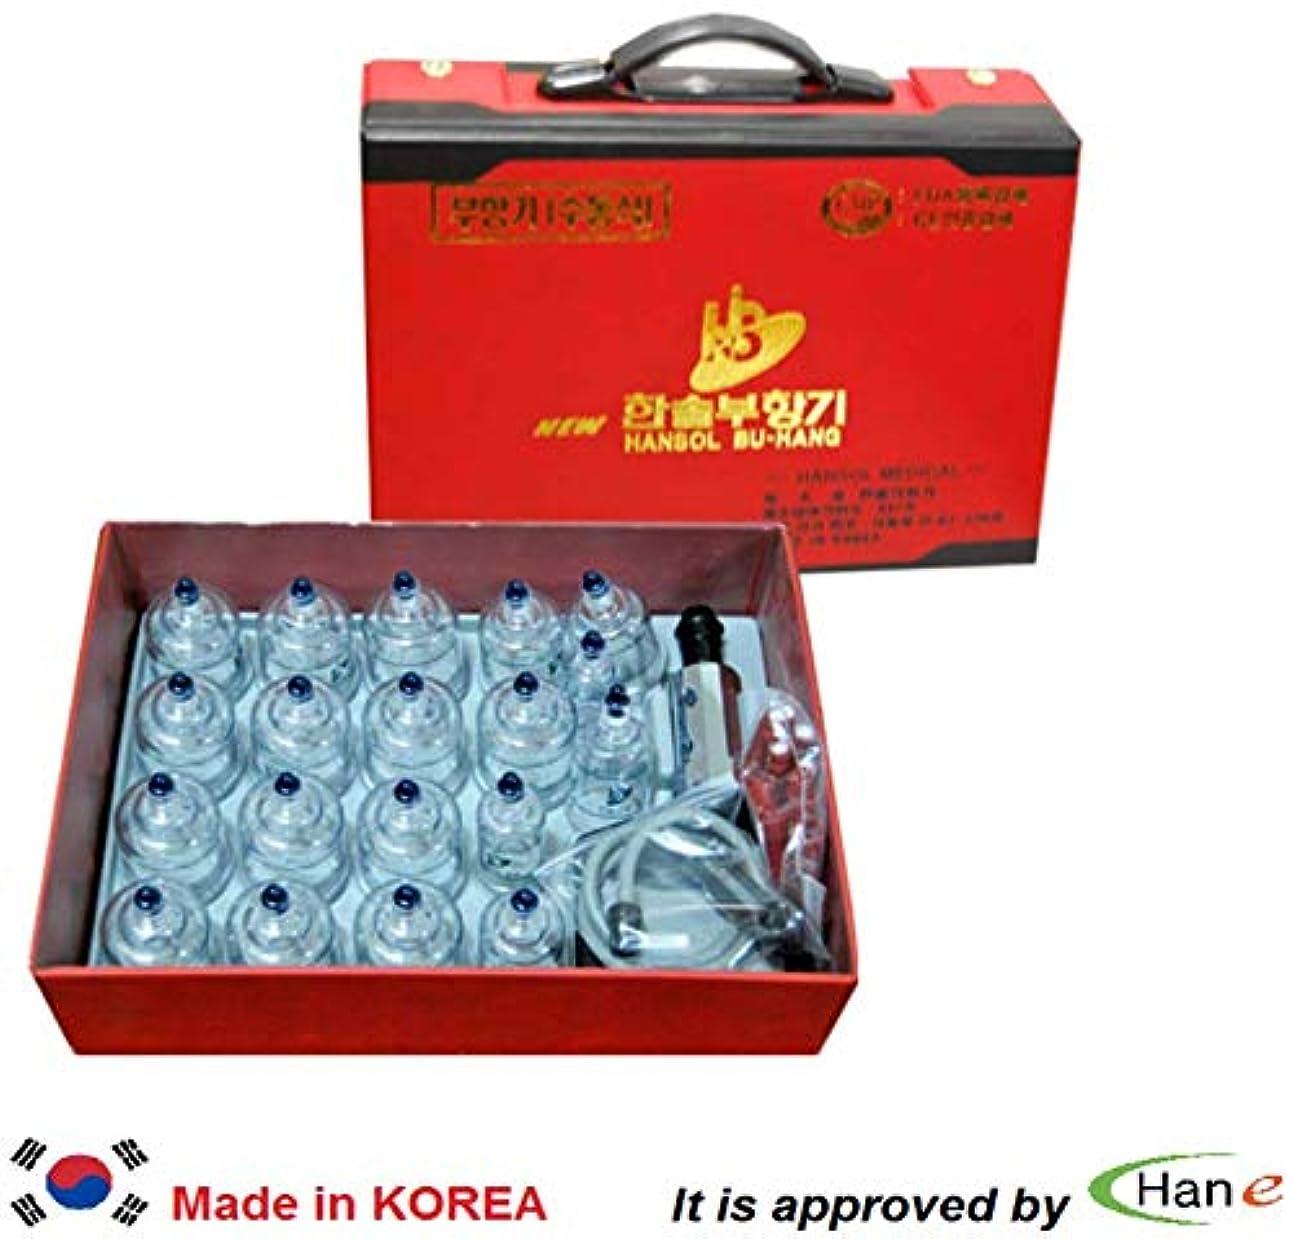 ルート故意に引き渡す韓国カッピングセット19カップハンディケース付属カッピングマッサージ真空吸引